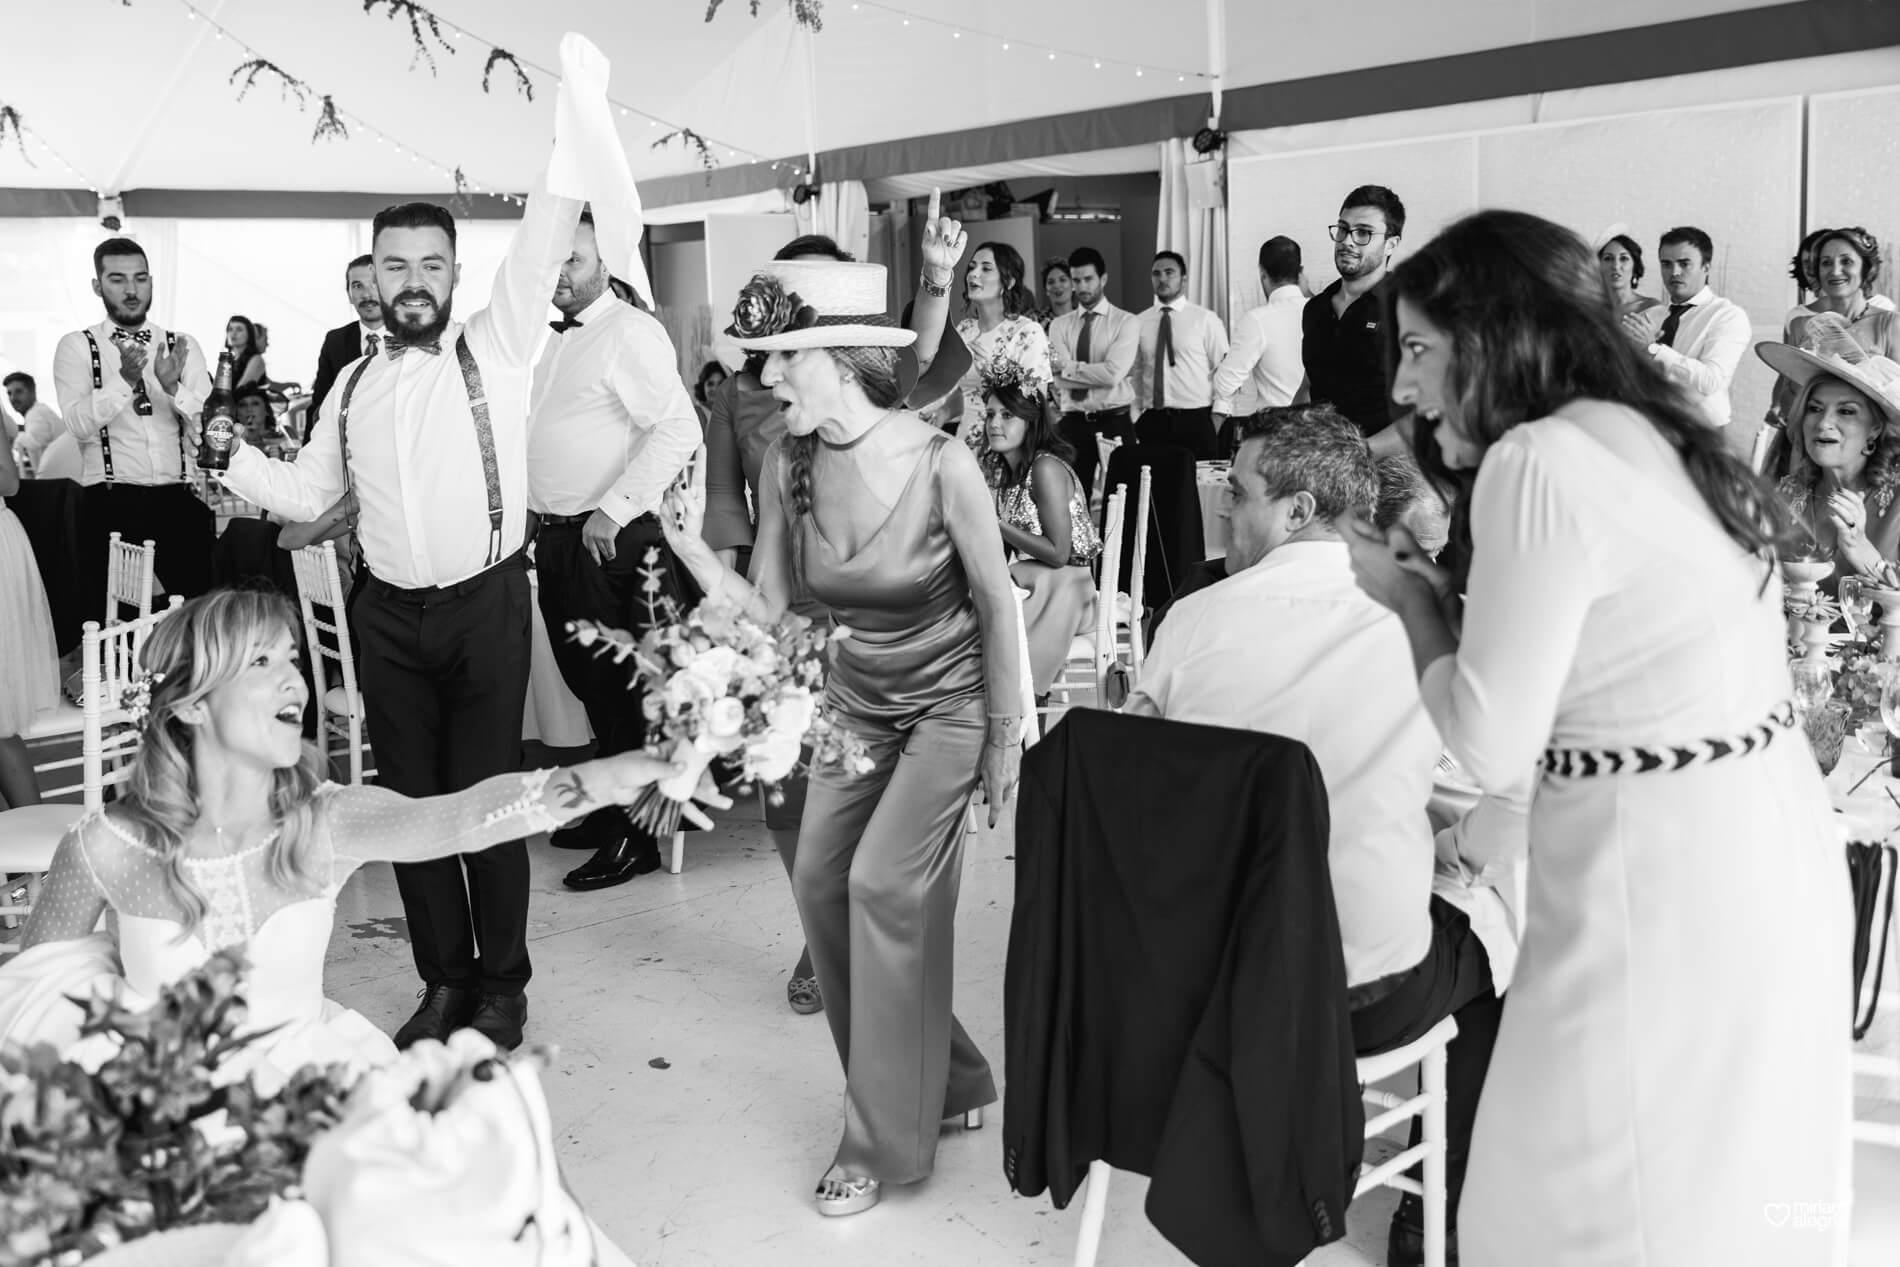 boda-en-finca-villa-vera-de-alemc7-miriam-alegria-fotografos-boda-murcia-184